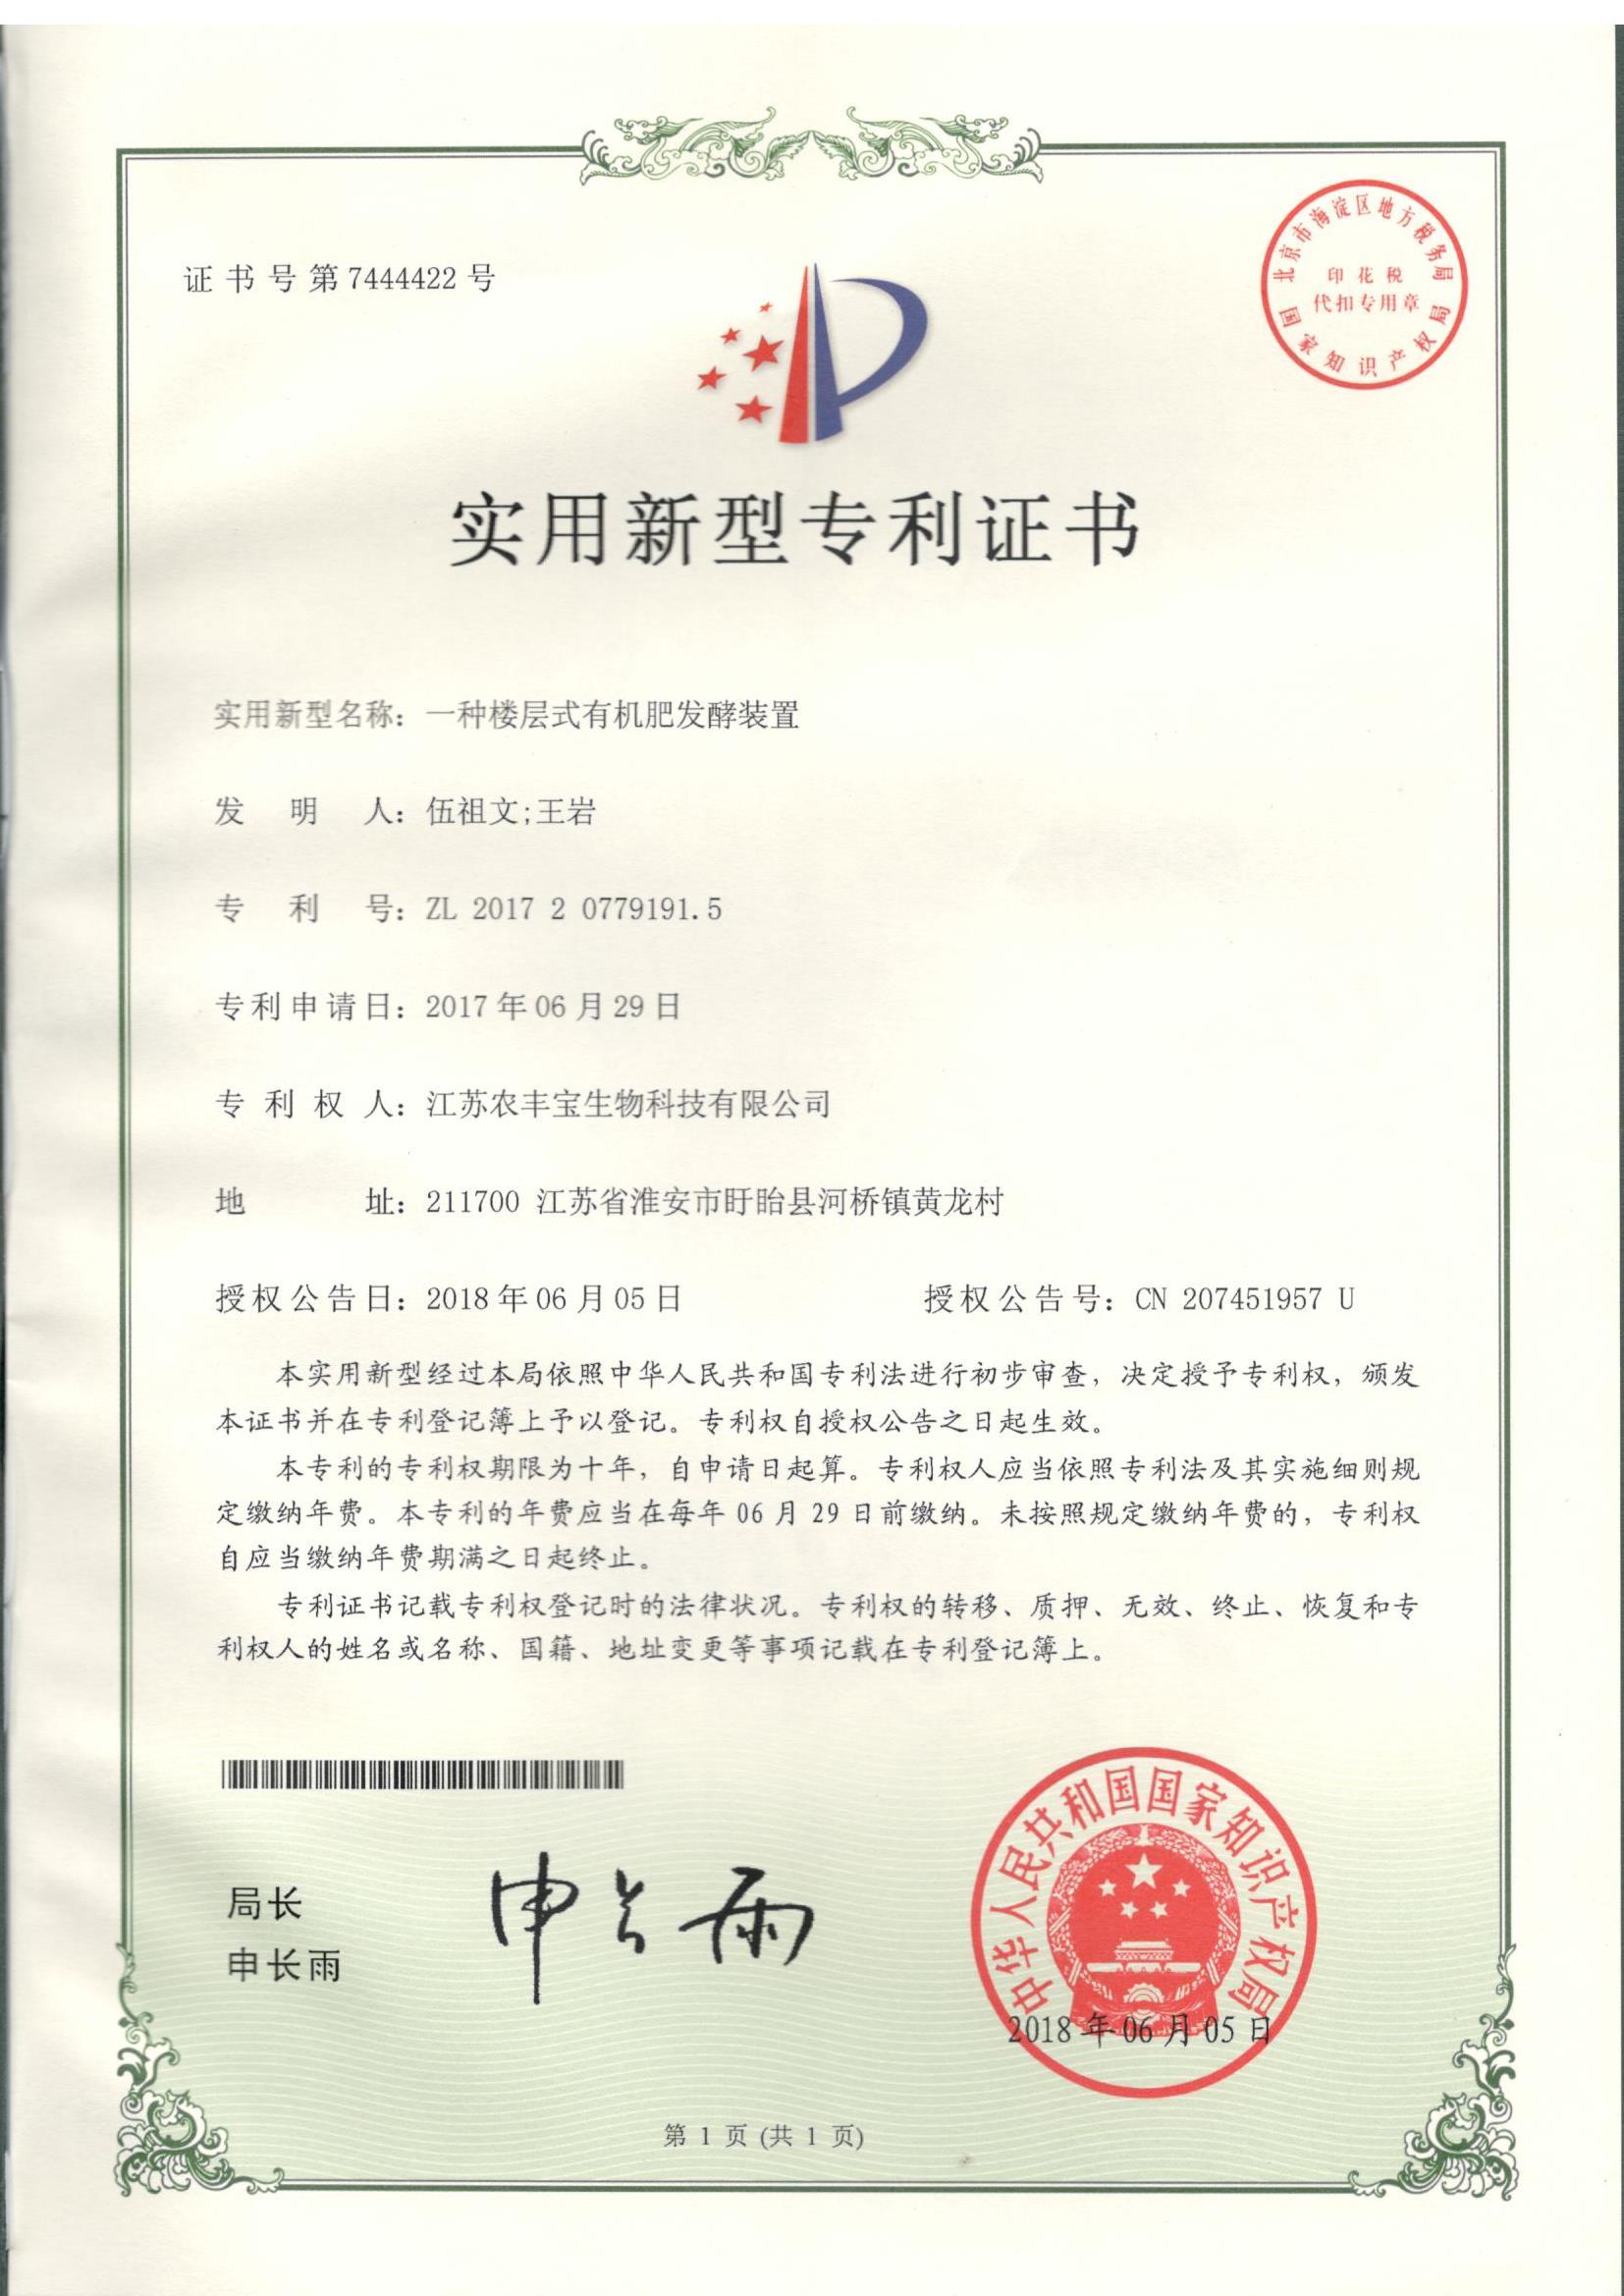 江苏产品发明专利1